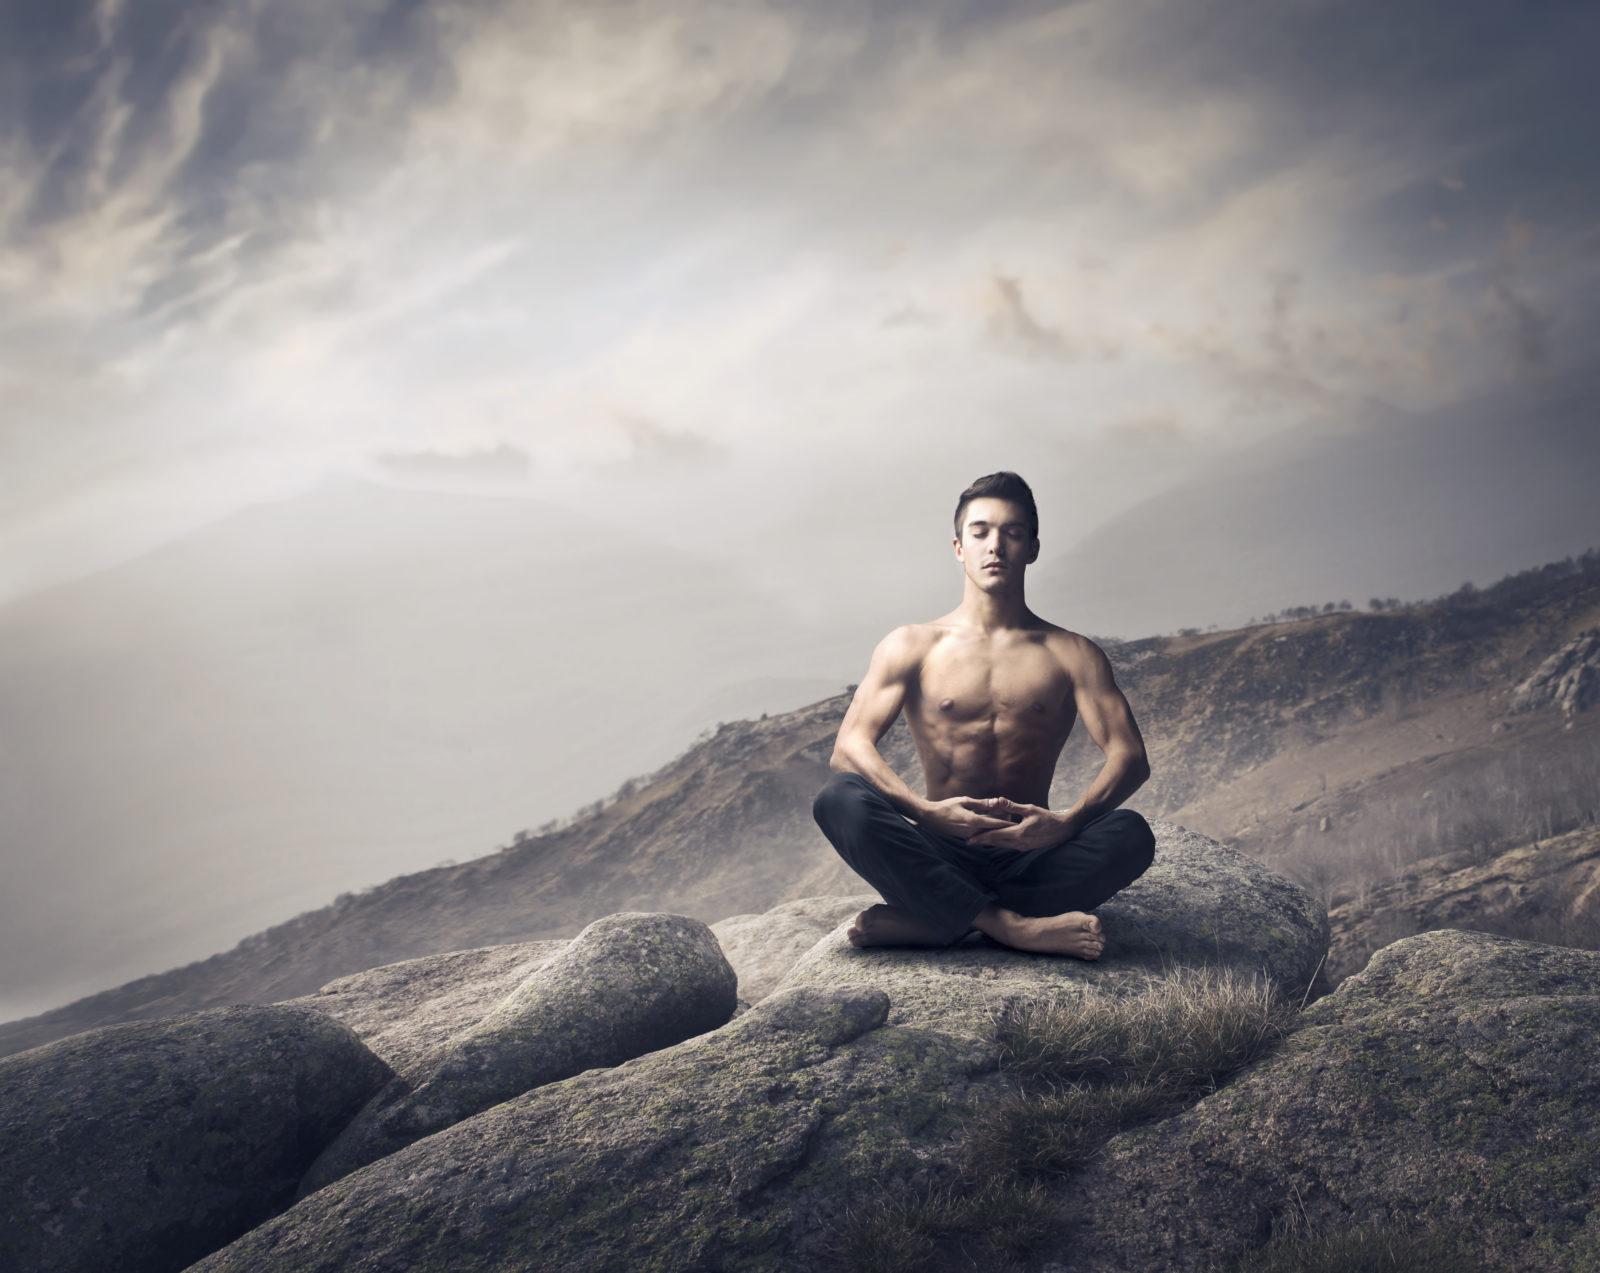 Спокойствие и расслабление мужчины